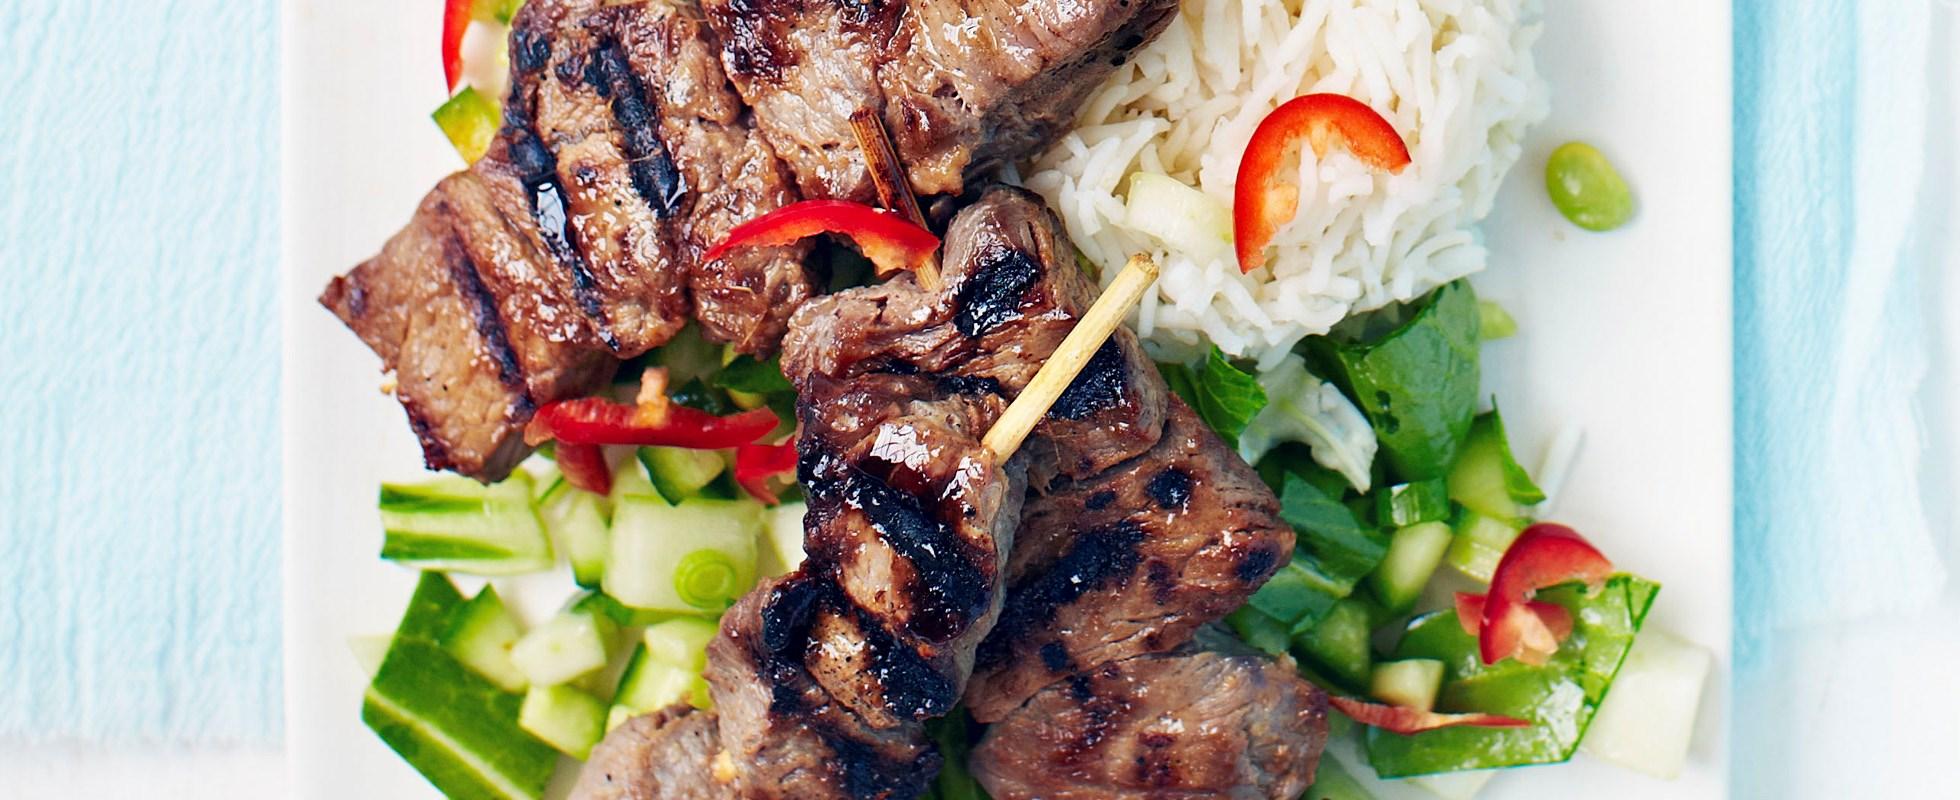 teriyaki steak skewers